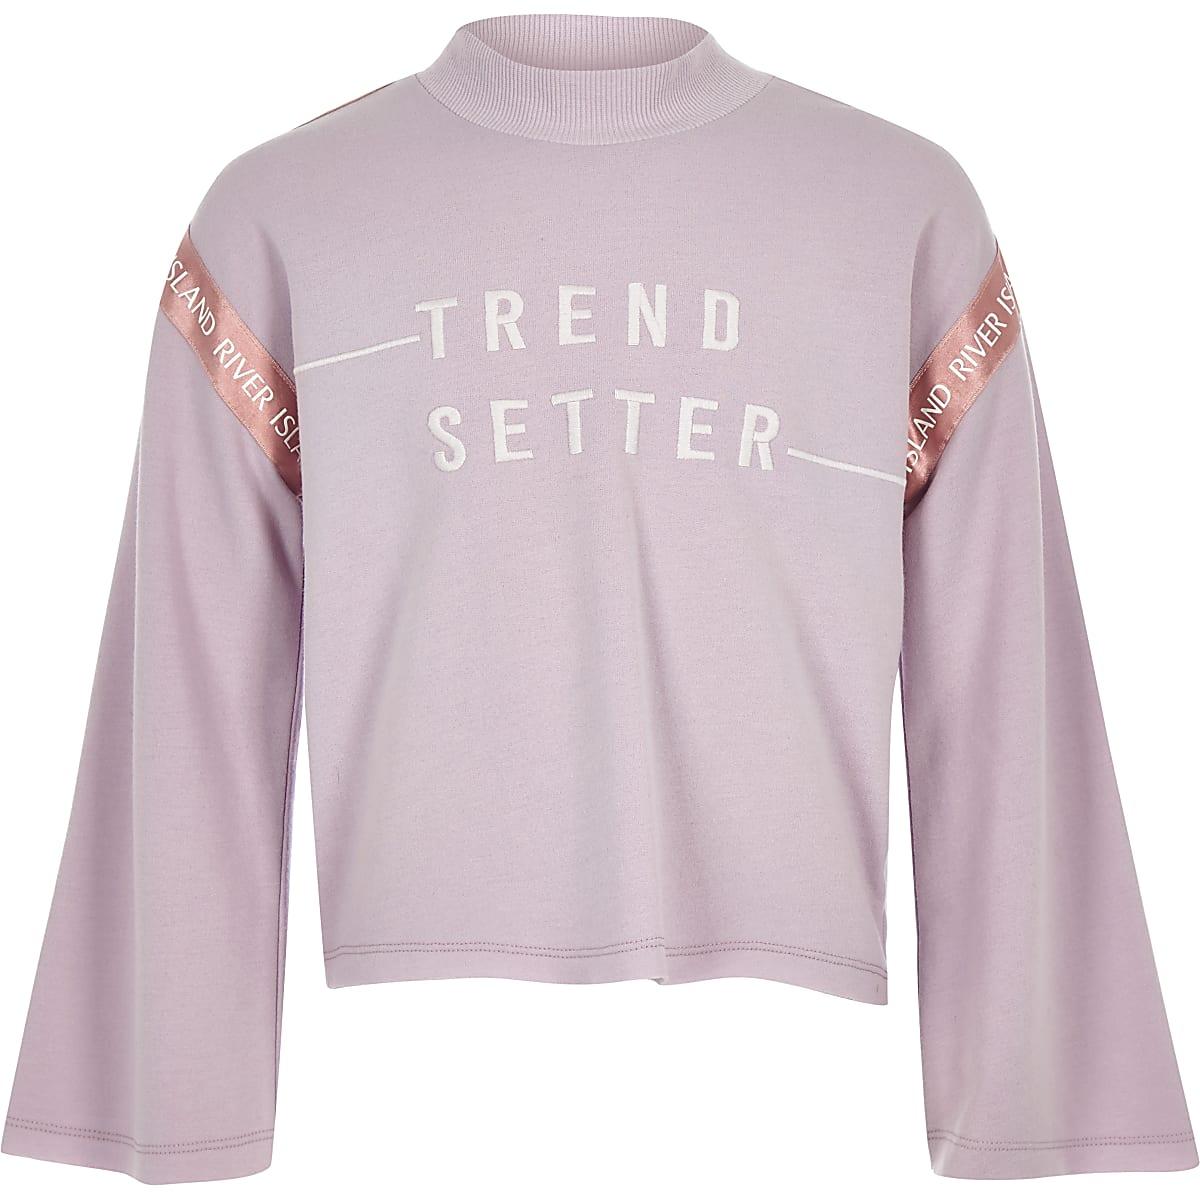 Girls purple 'Trend setter' sweatshirt